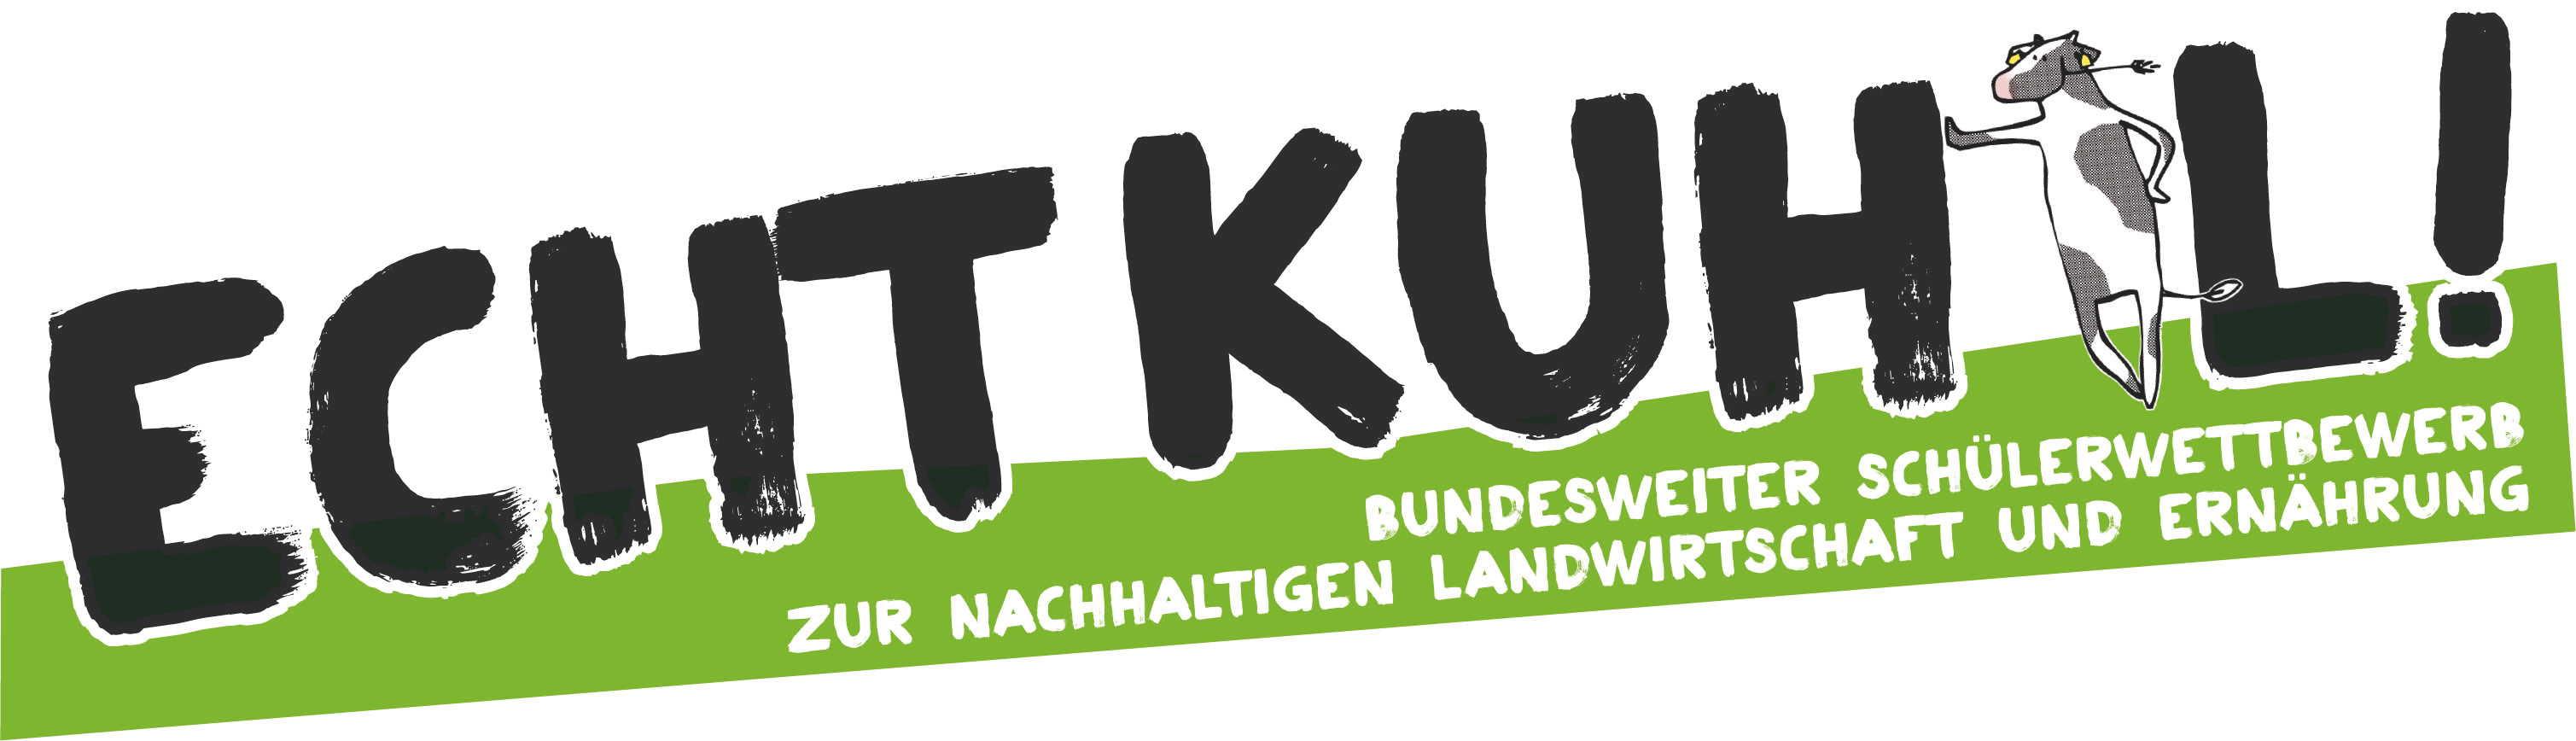 Nordrhein-Westfalen-Info.Net - Nordrhein-Westfalen Infos & Nordrhein-Westfalen Tipps | Foto: Schülerwettbewerb ECHT KUH-L!